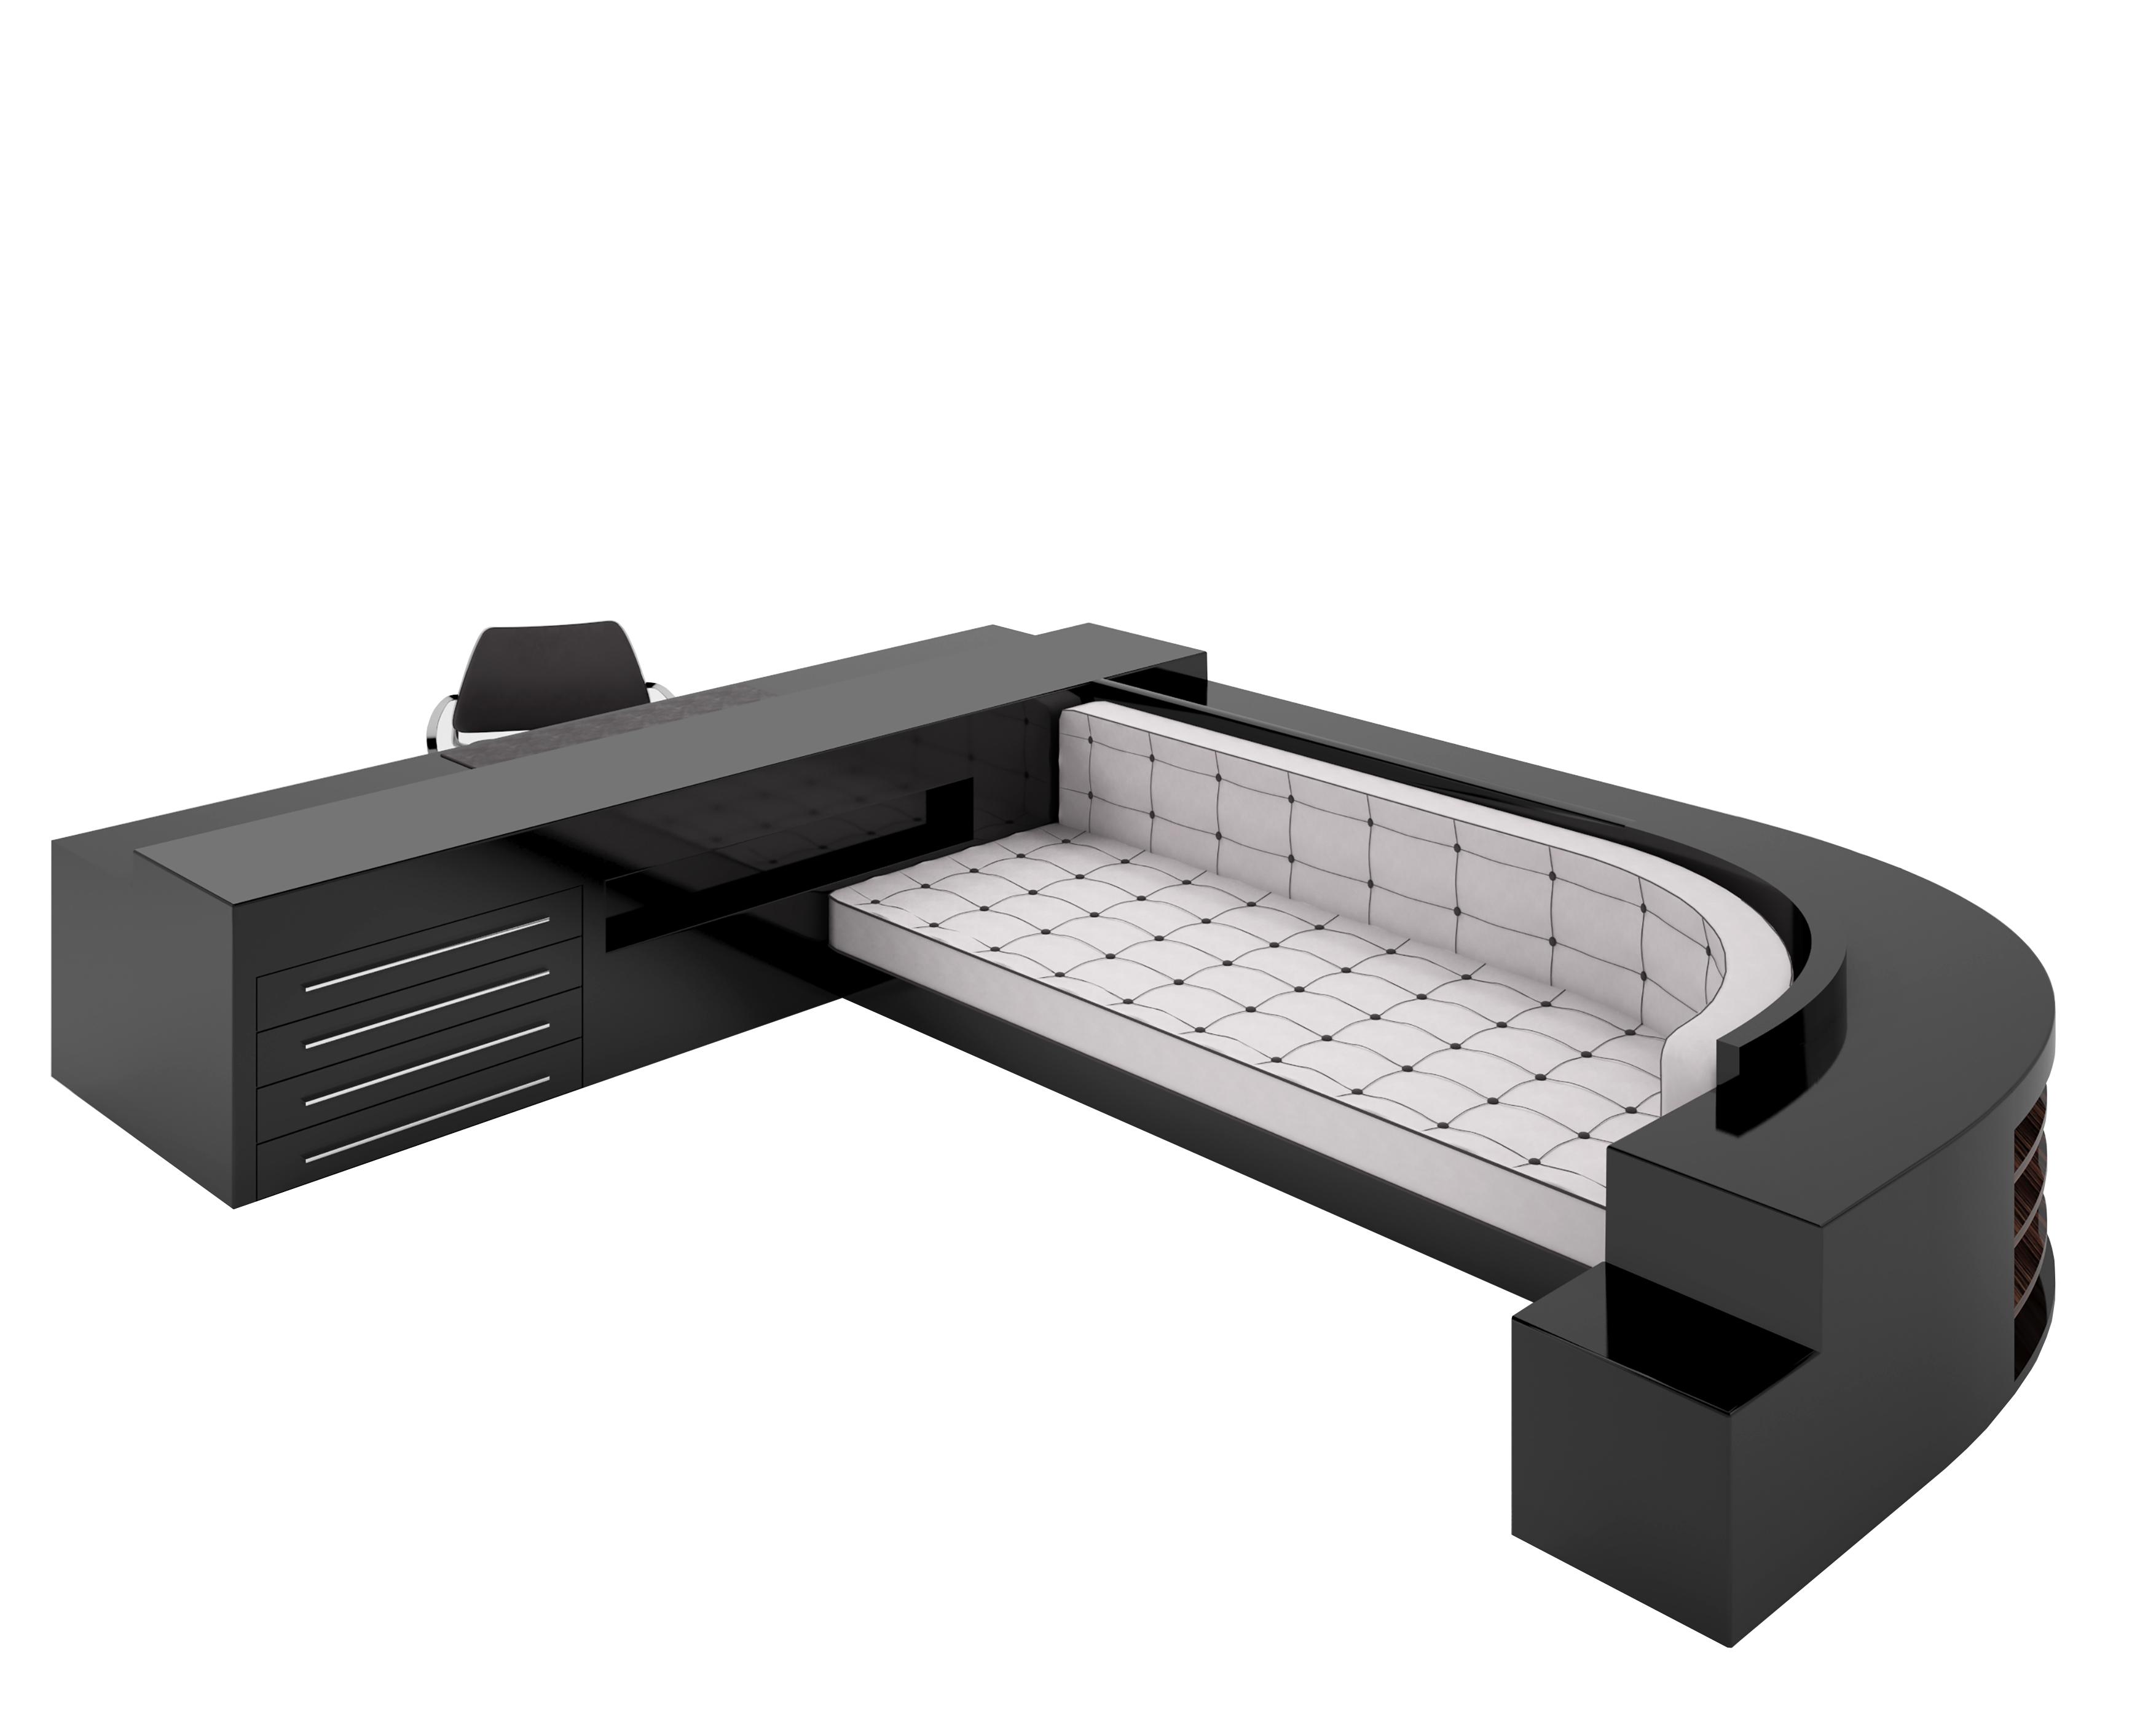 Xxl Sofa Und Schreibtischkkombination In Hochglanz Schwarz